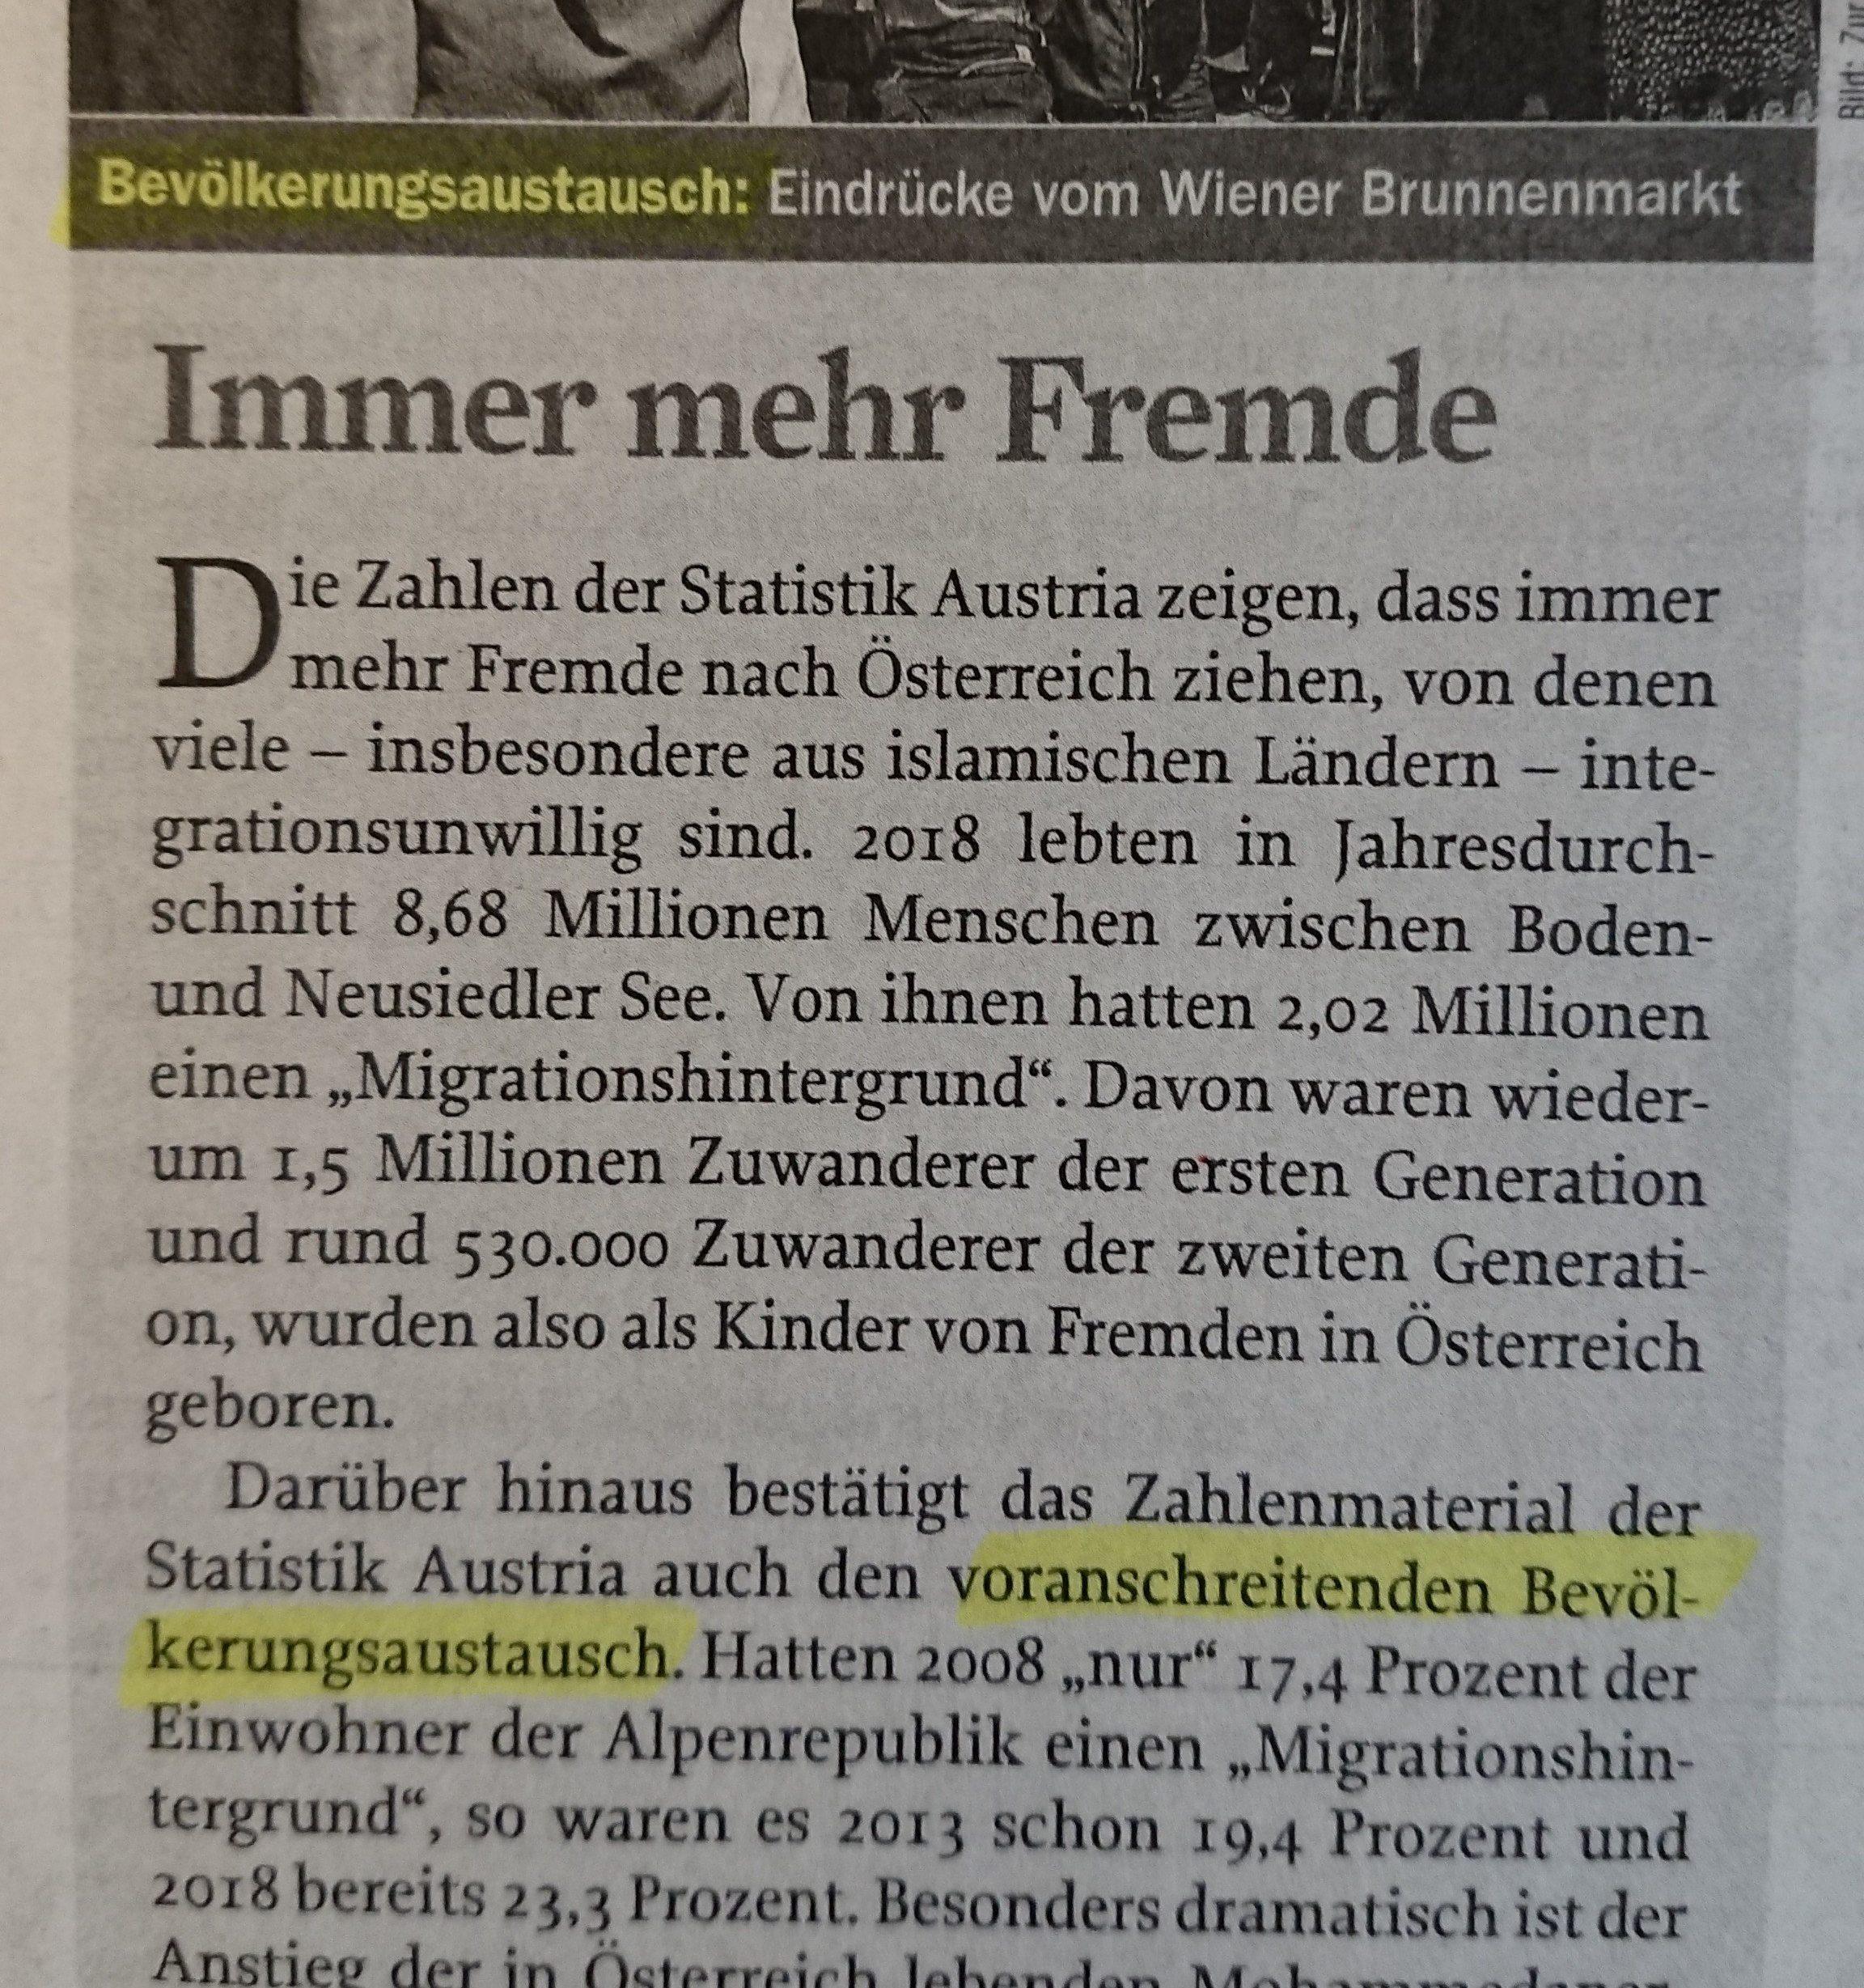 """""""Bevölkerungsaustausch"""" in Zur Zeit"""